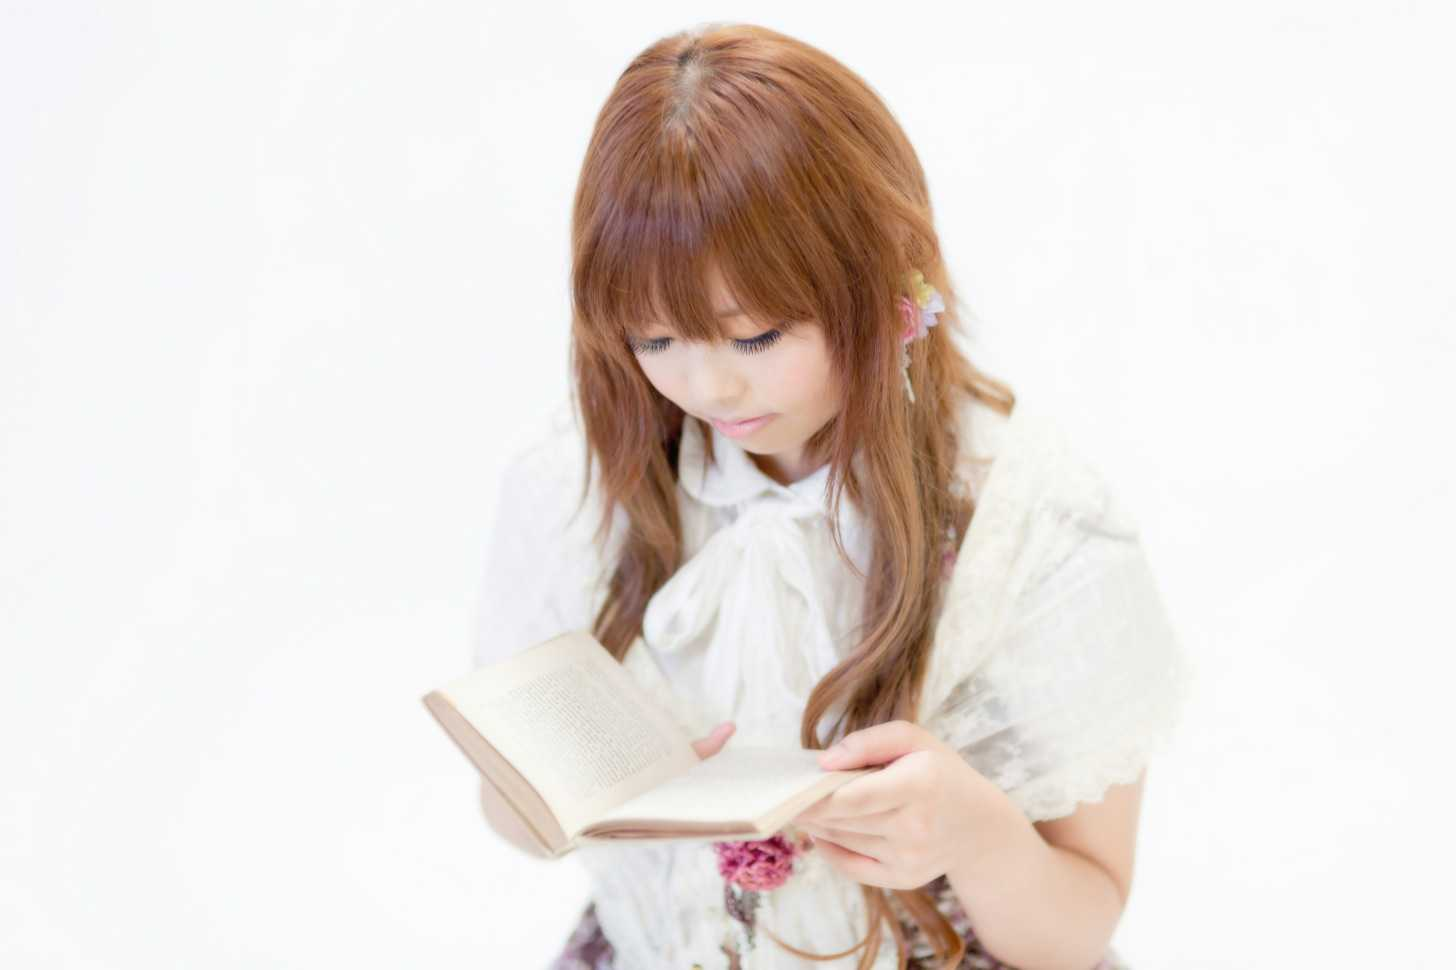 漫画を読む女の子